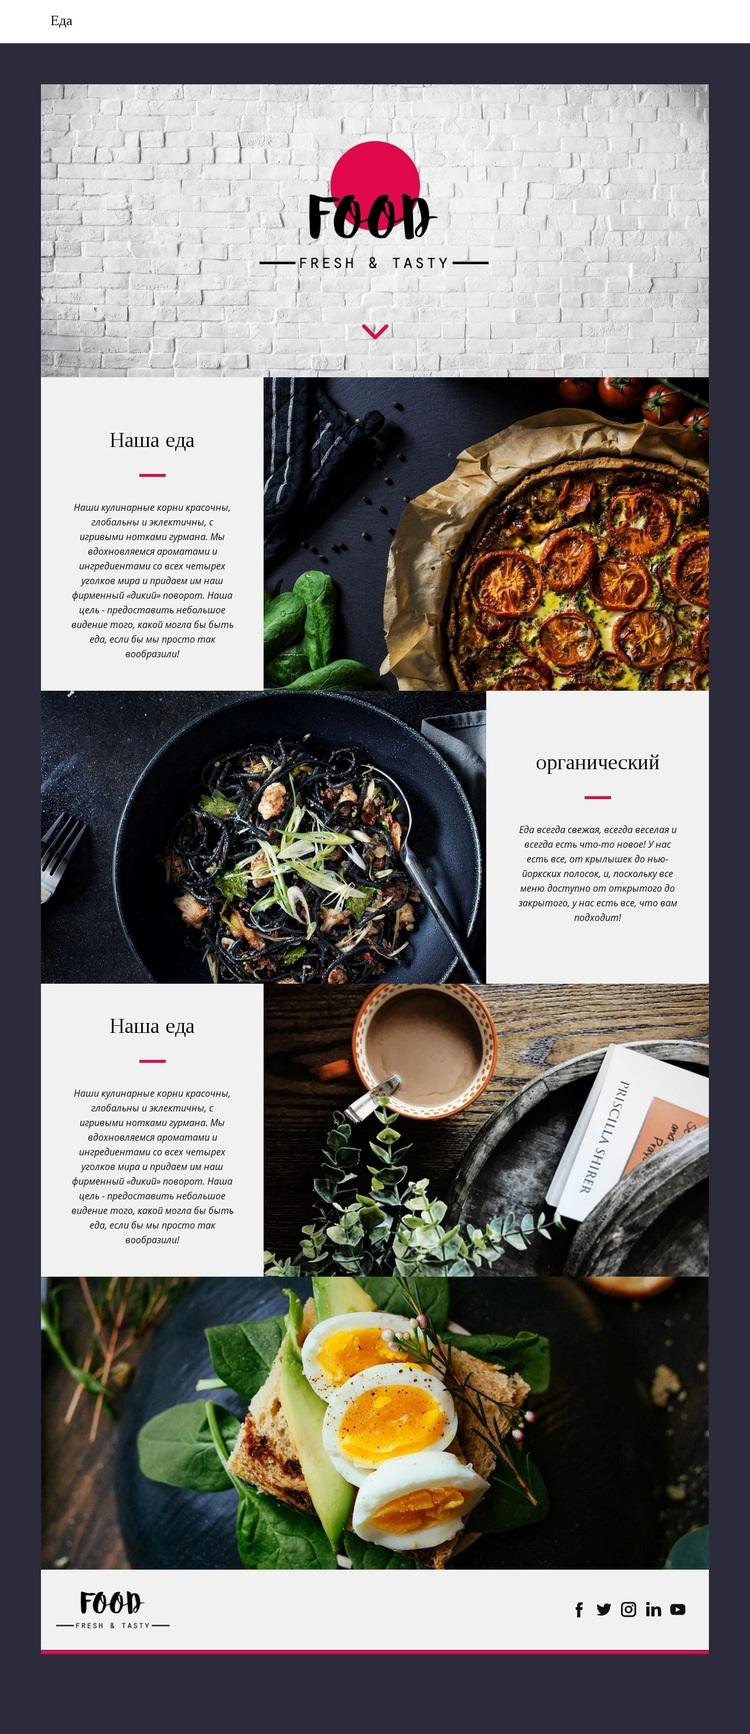 Прекрасный восточный ресторан HTML шаблон